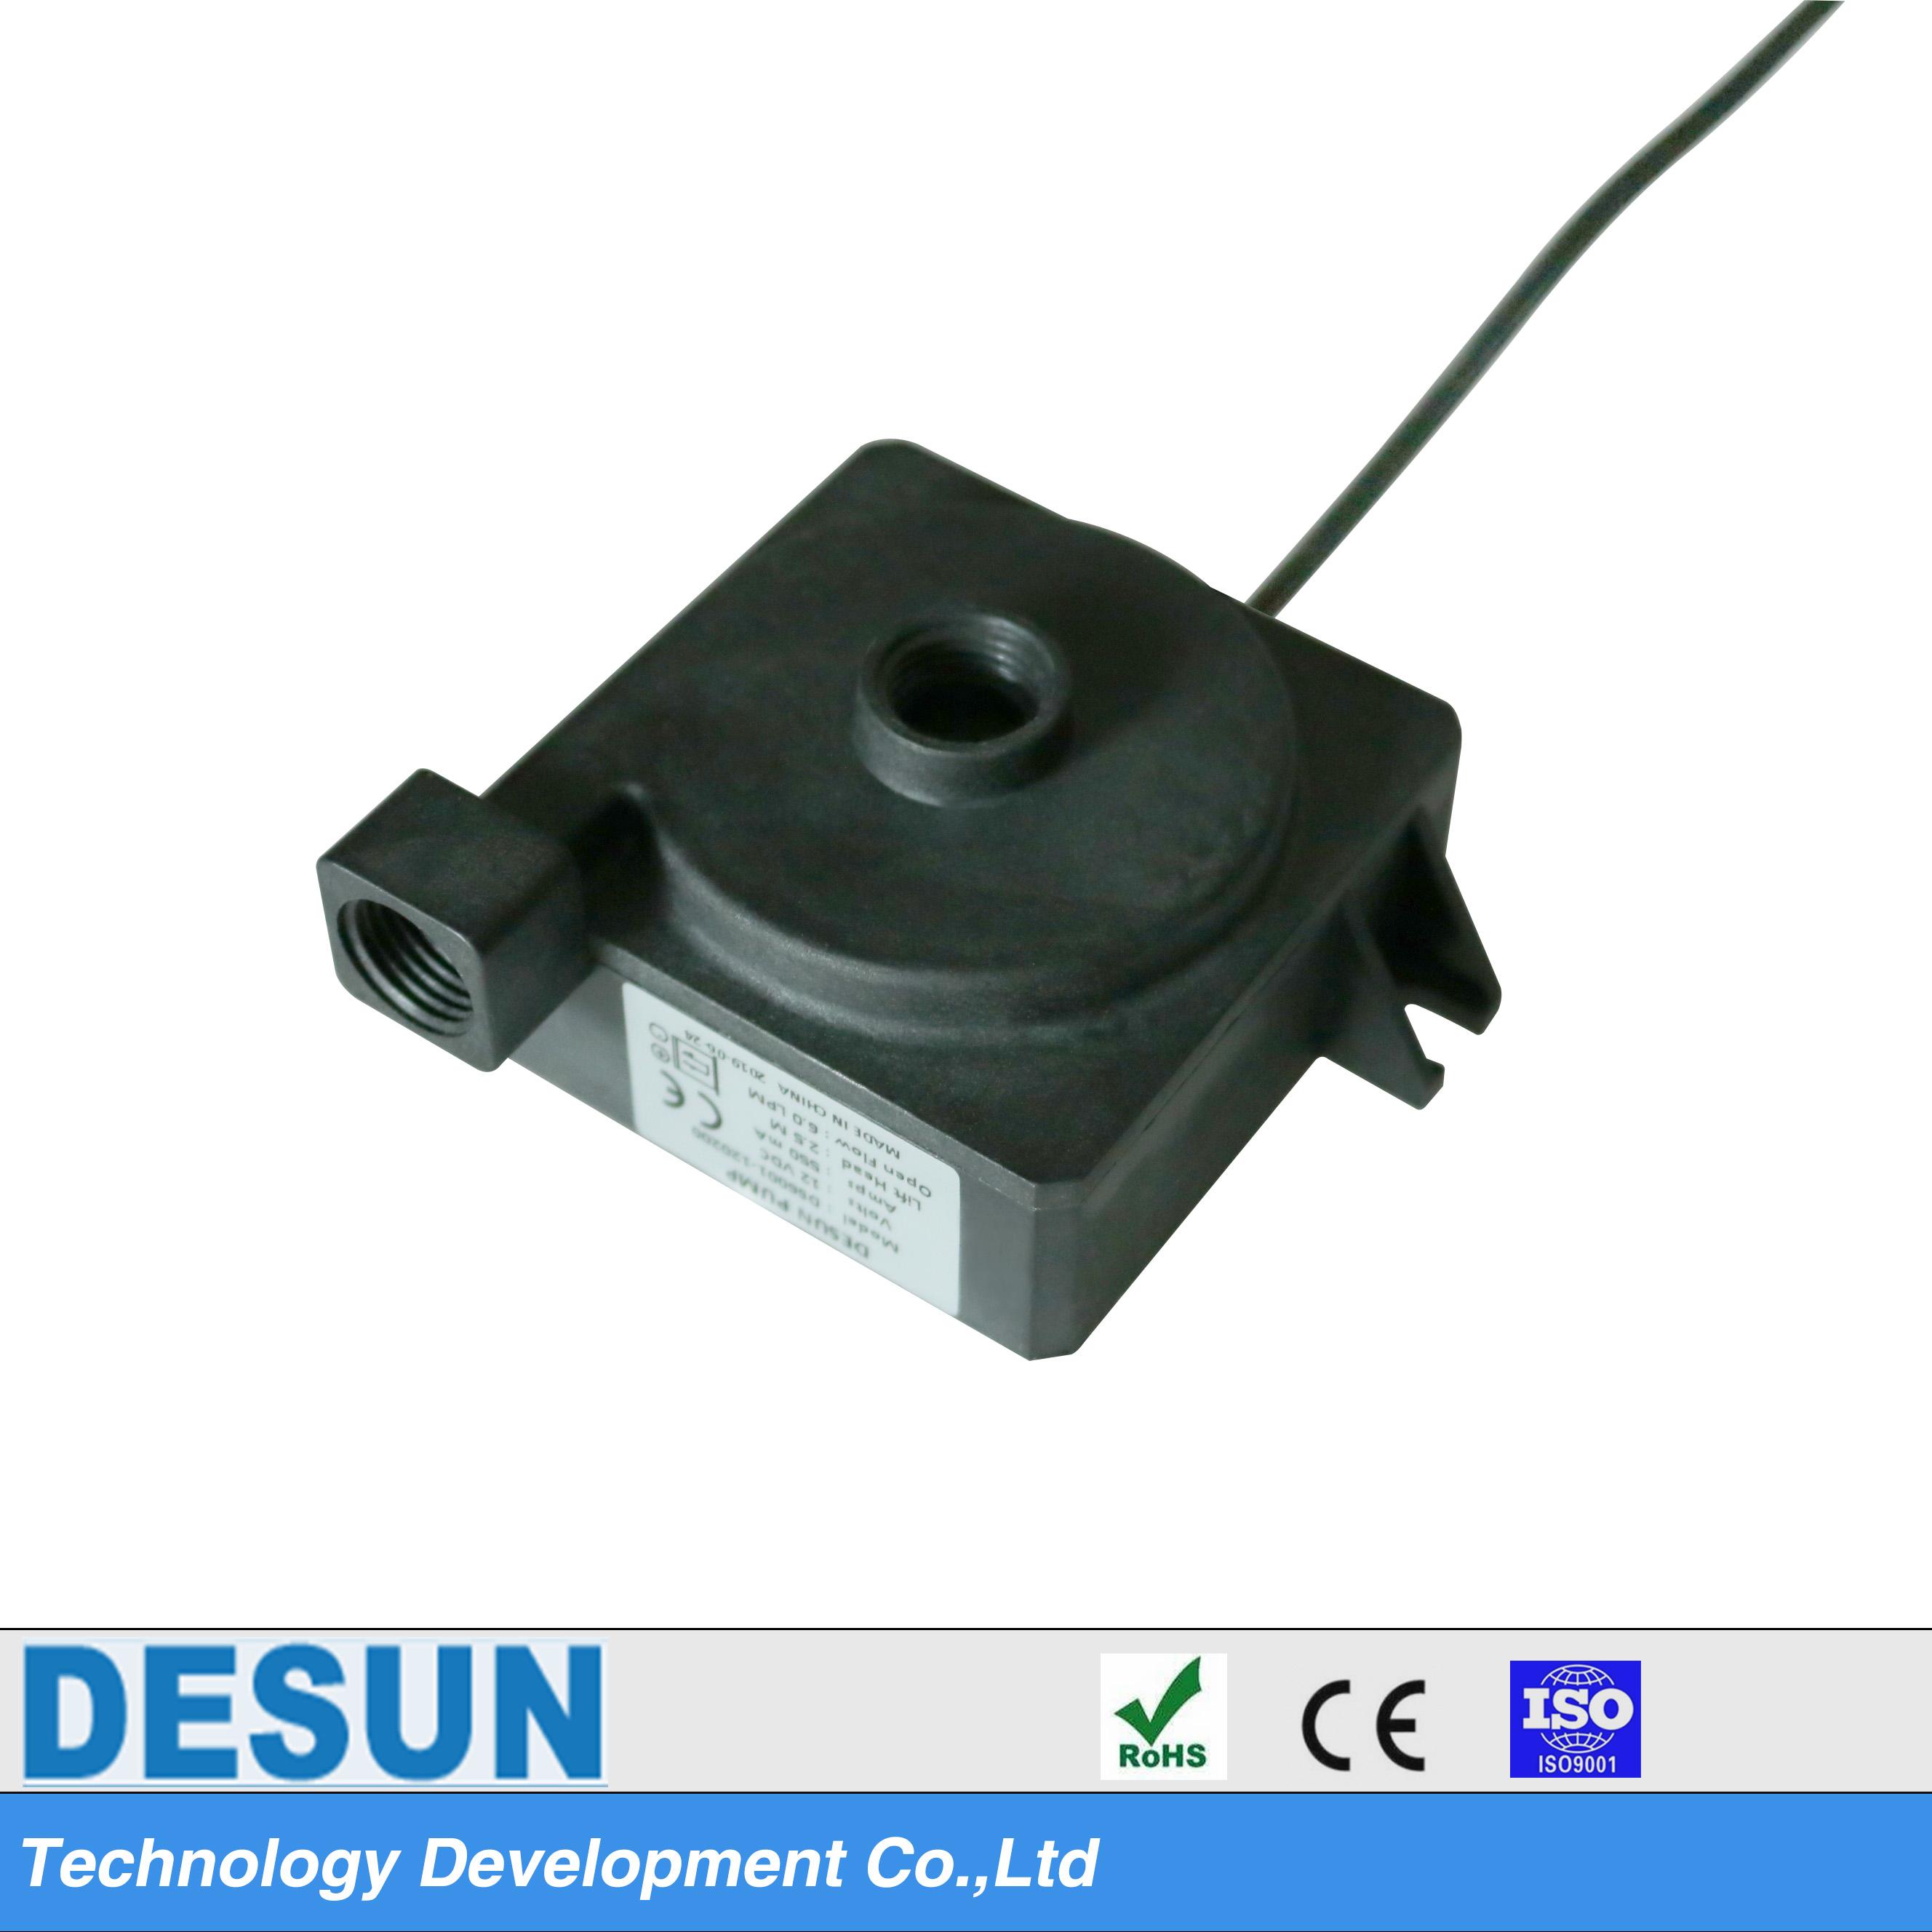 电脑水冷微型水泵DS6001